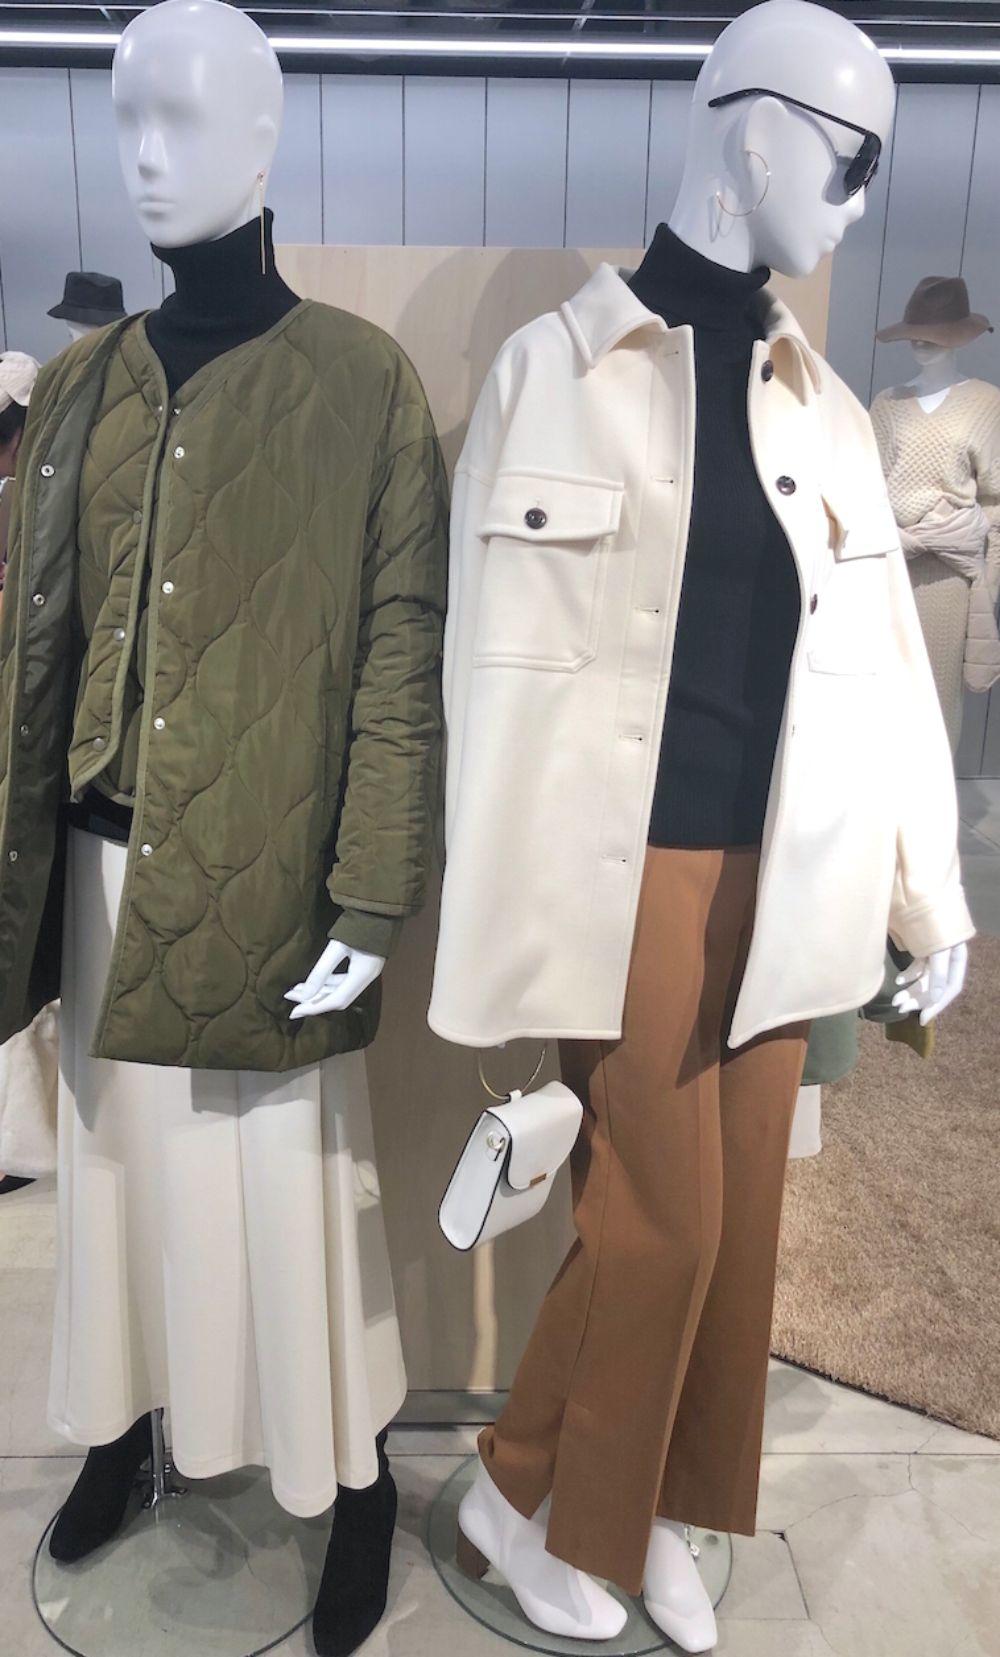 【2019年】秋ファッションのトレンドは? - 注目のキーワードや、『ユニクロ』『ZARA』など人気ブランドの秋冬展示会まとめ_39